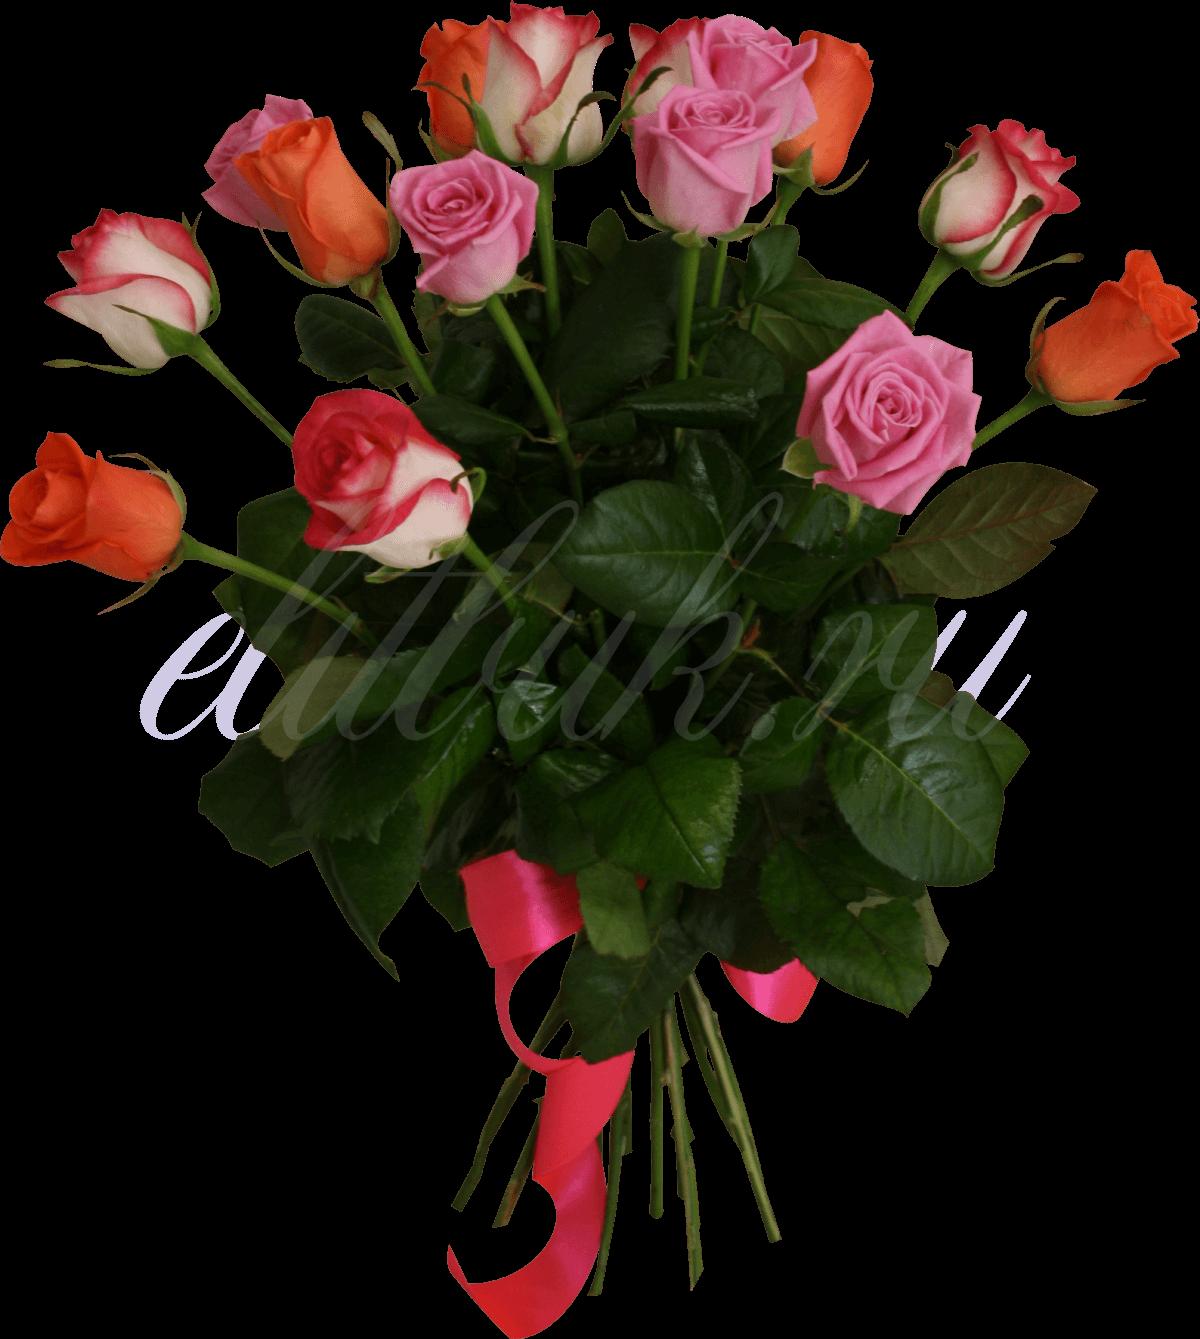 уральская роза купить в екатеринбурге из теплицы